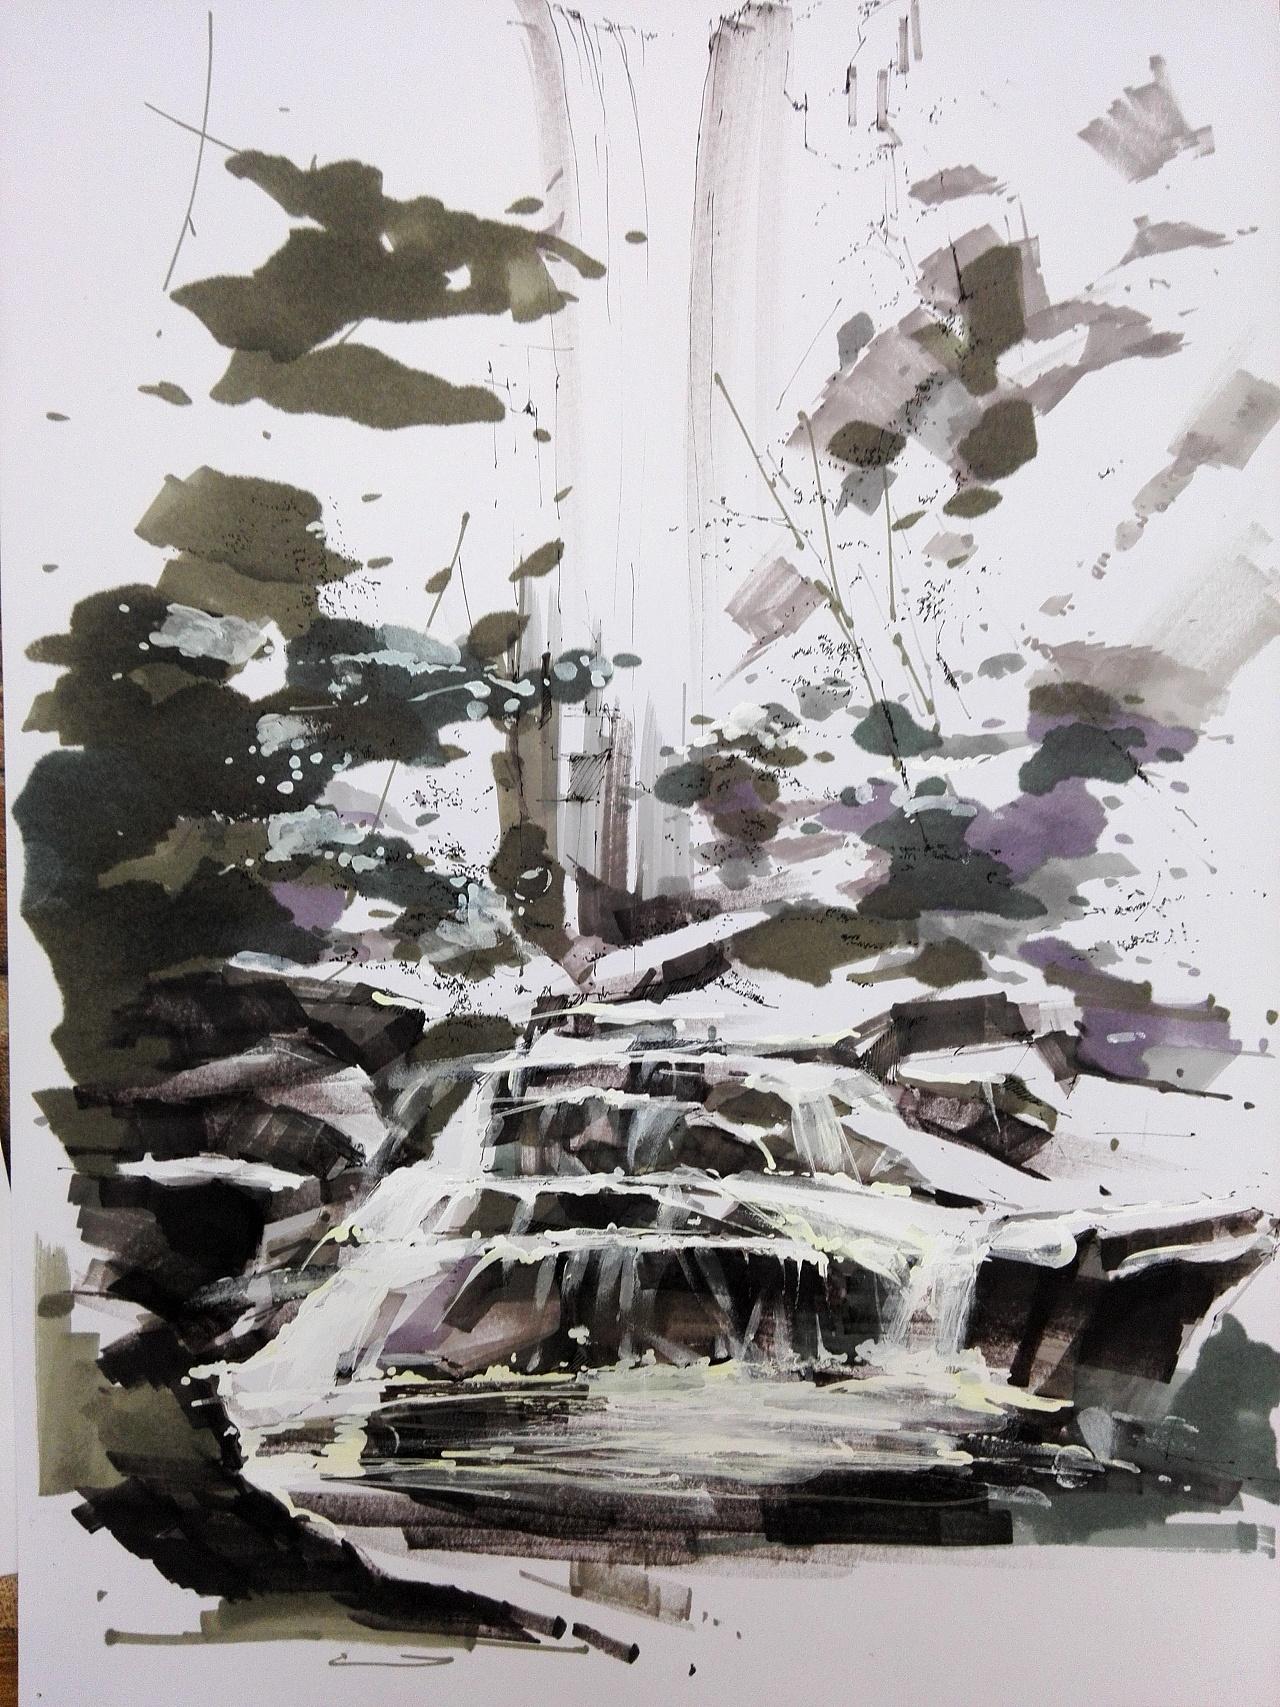 西安tt手绘培训课堂训练:第二阶段材质训练,水,植被,石材